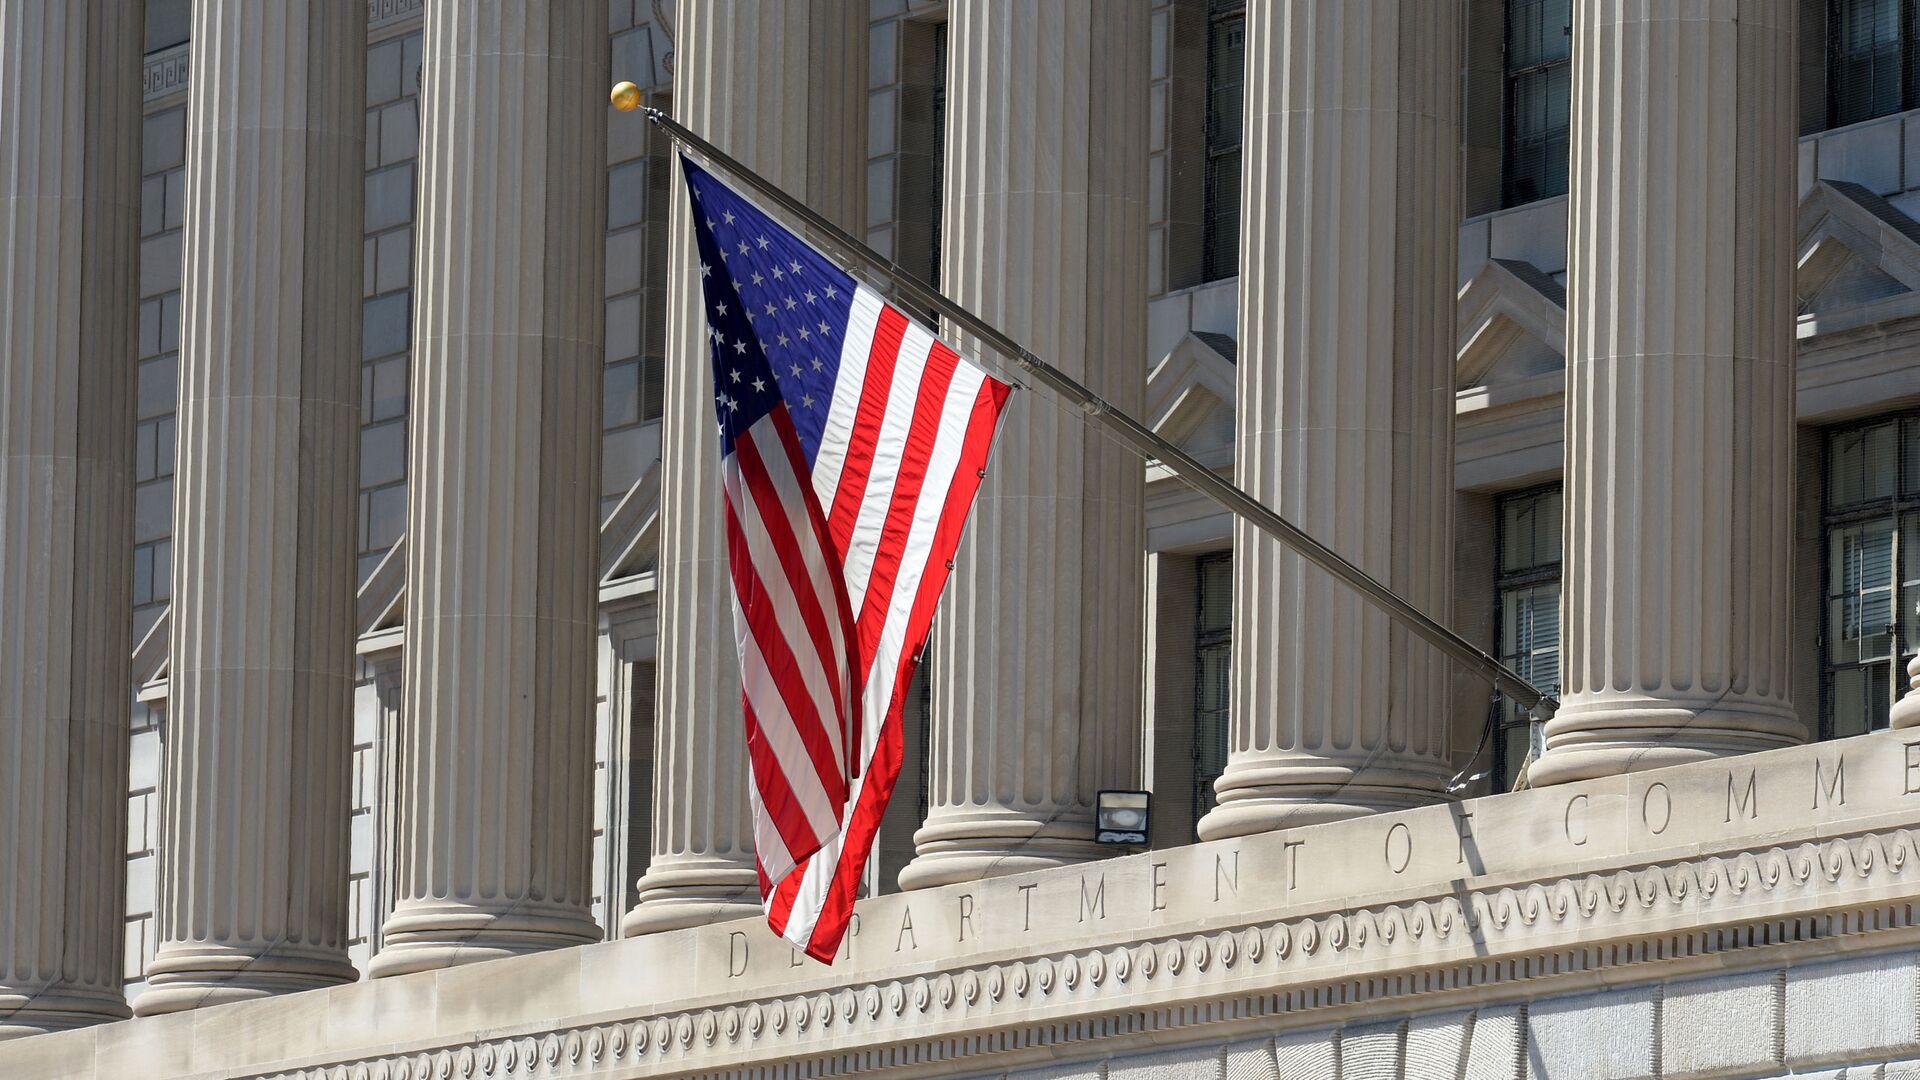 Государственный флаг США на здании министерства торговли в Вашингтоне - Sputnik Армения, 1920, 23.09.2021